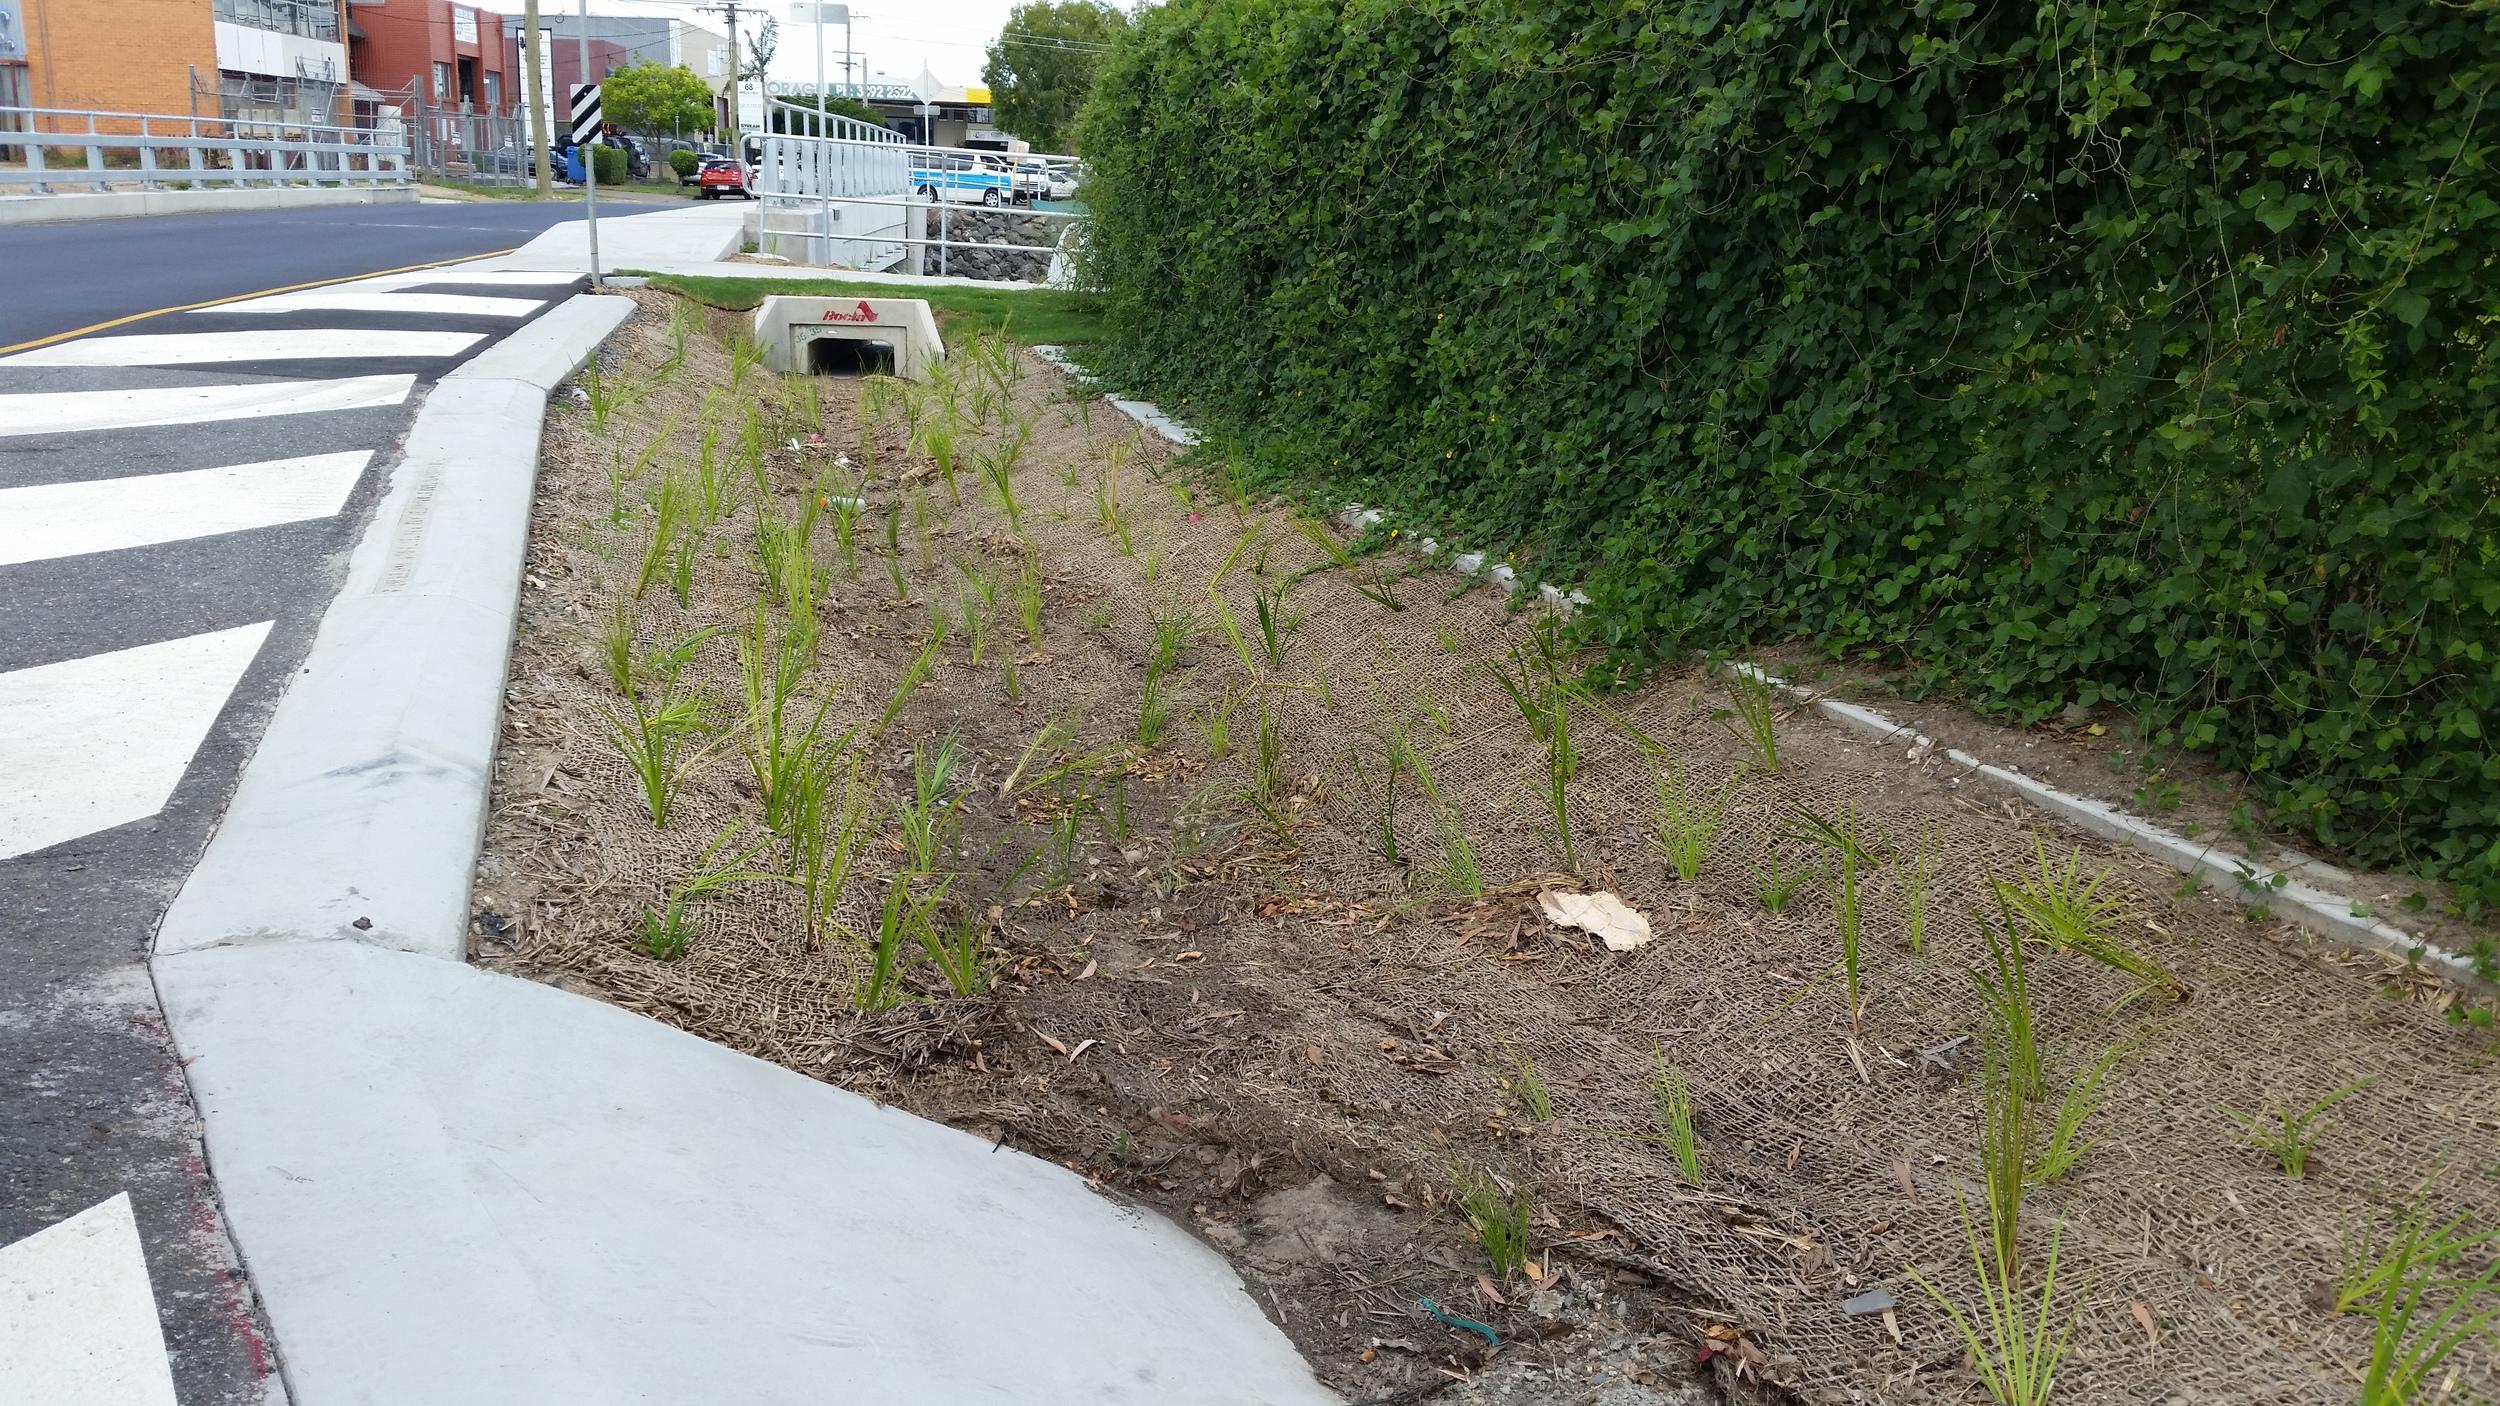 Moorley St Bioretention System